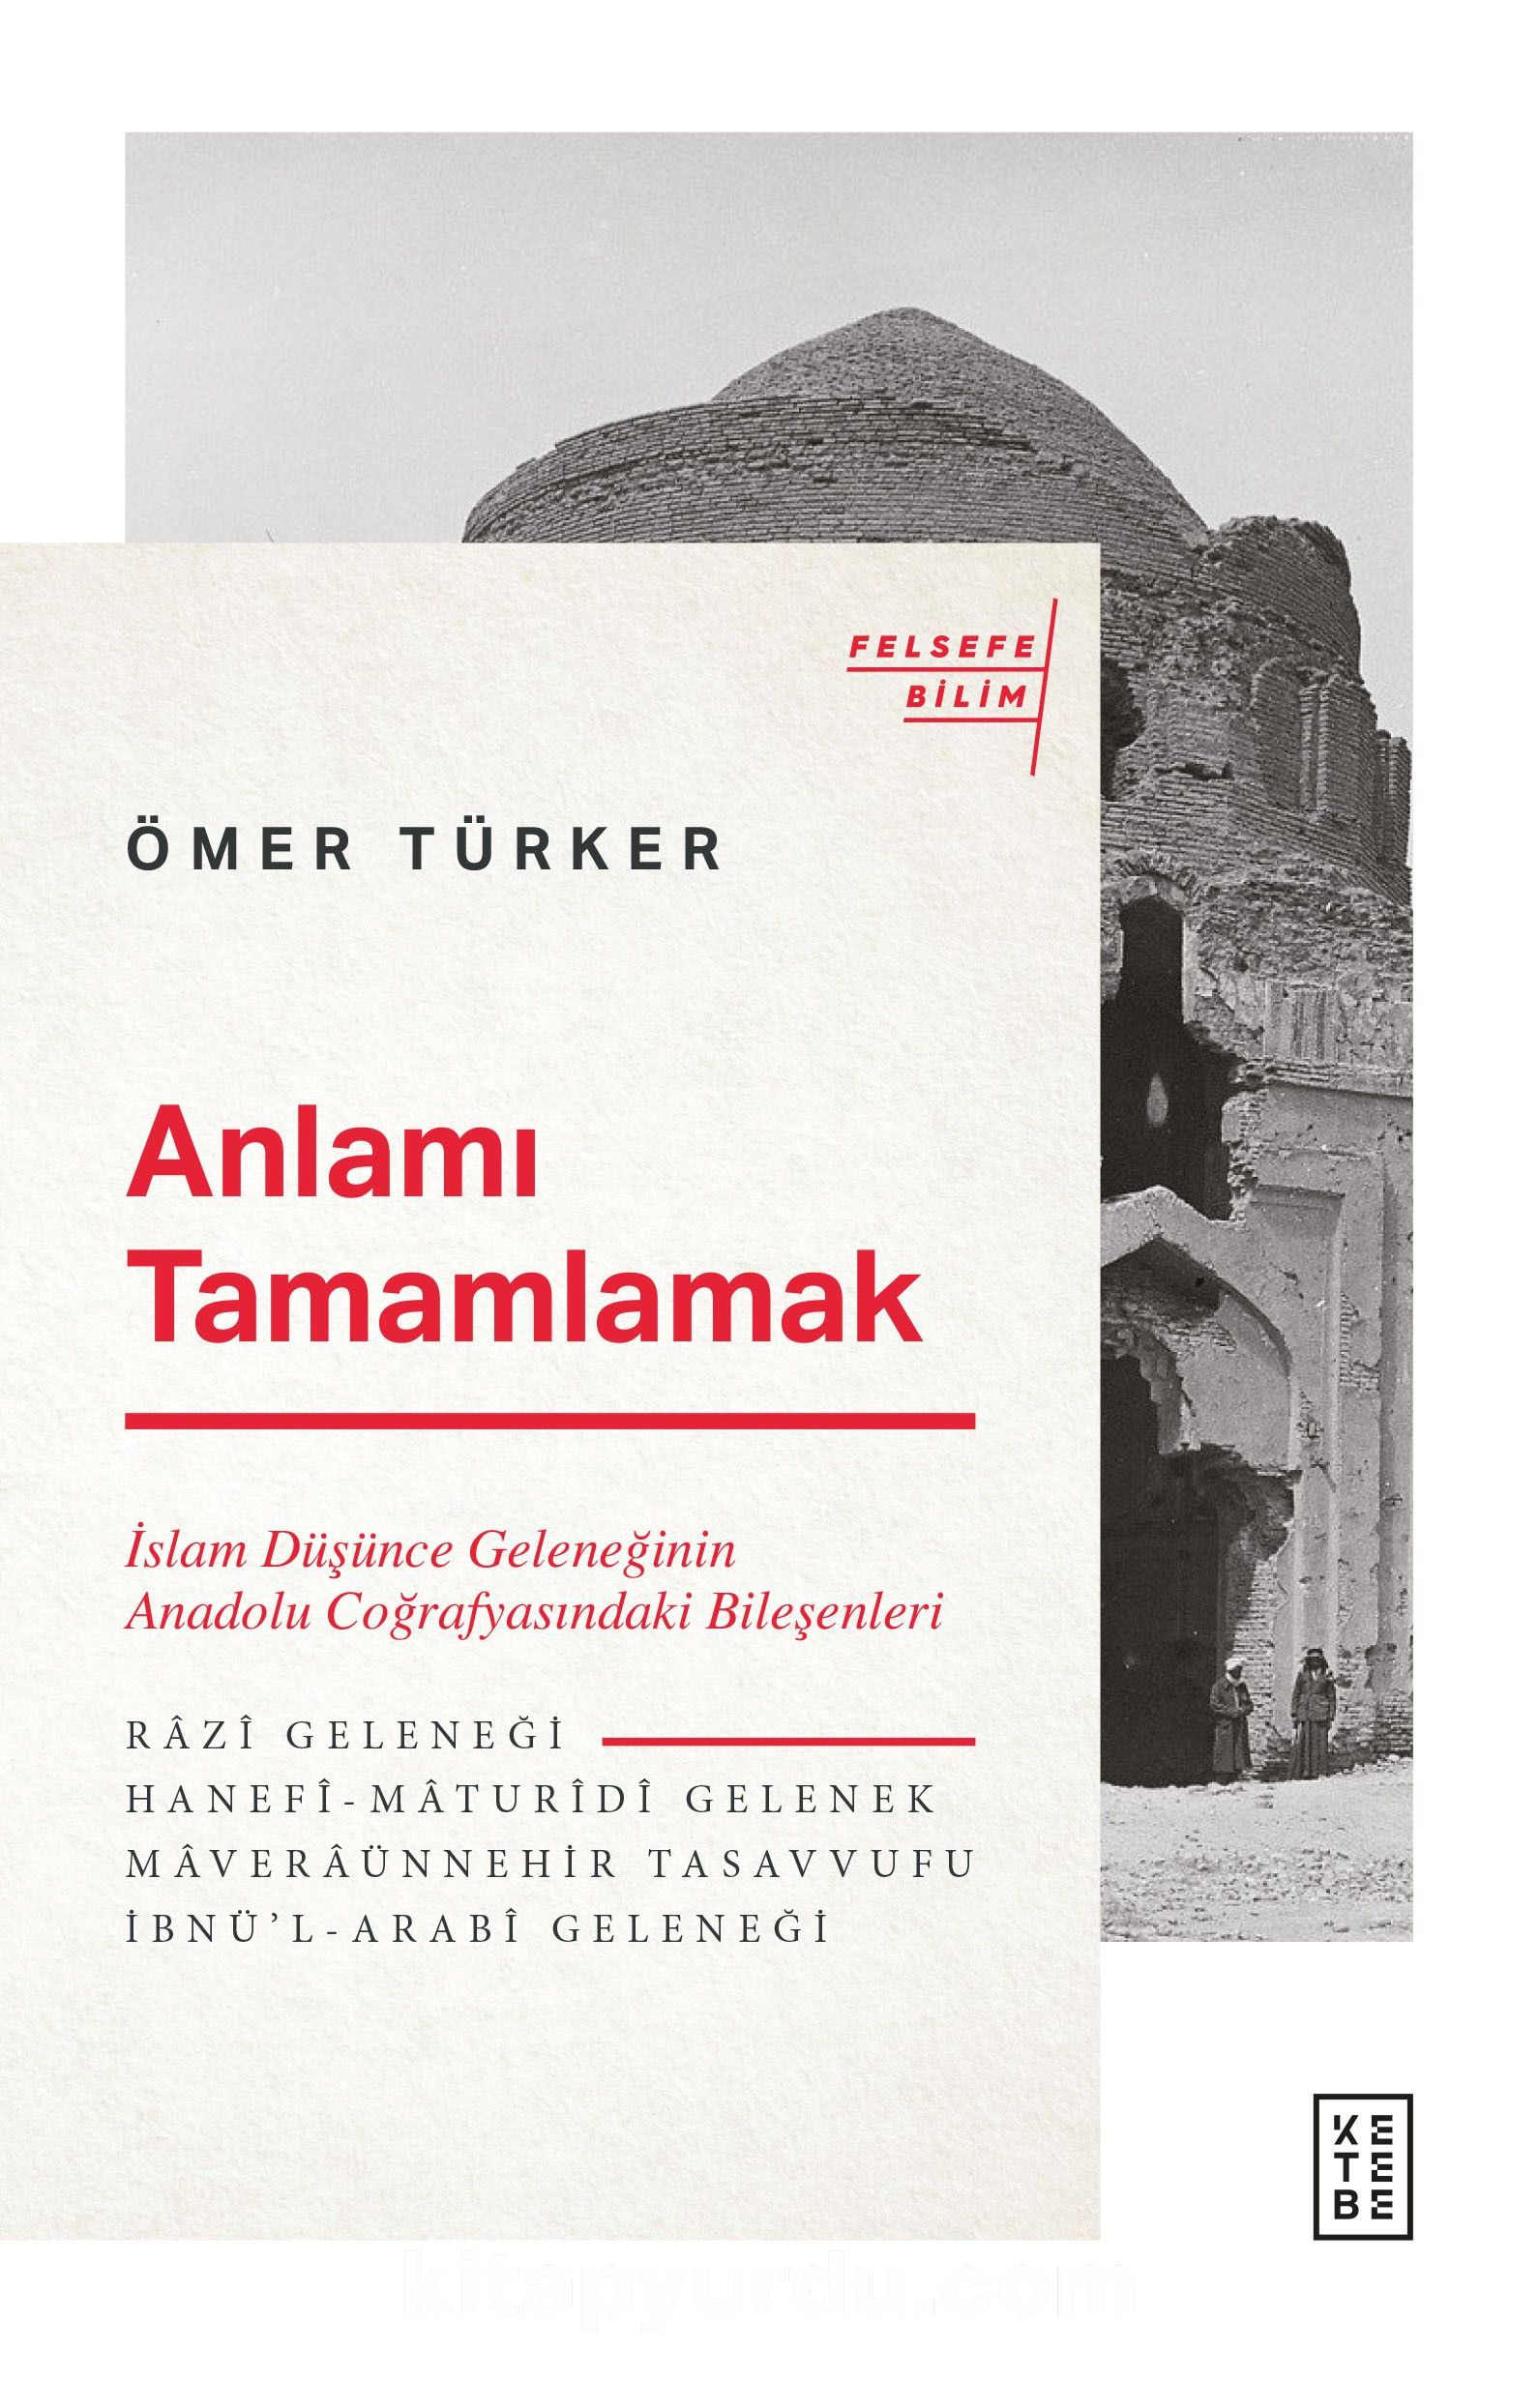 Anlamı Tamamlamak - Ömer Türker | kitapyurdu.com